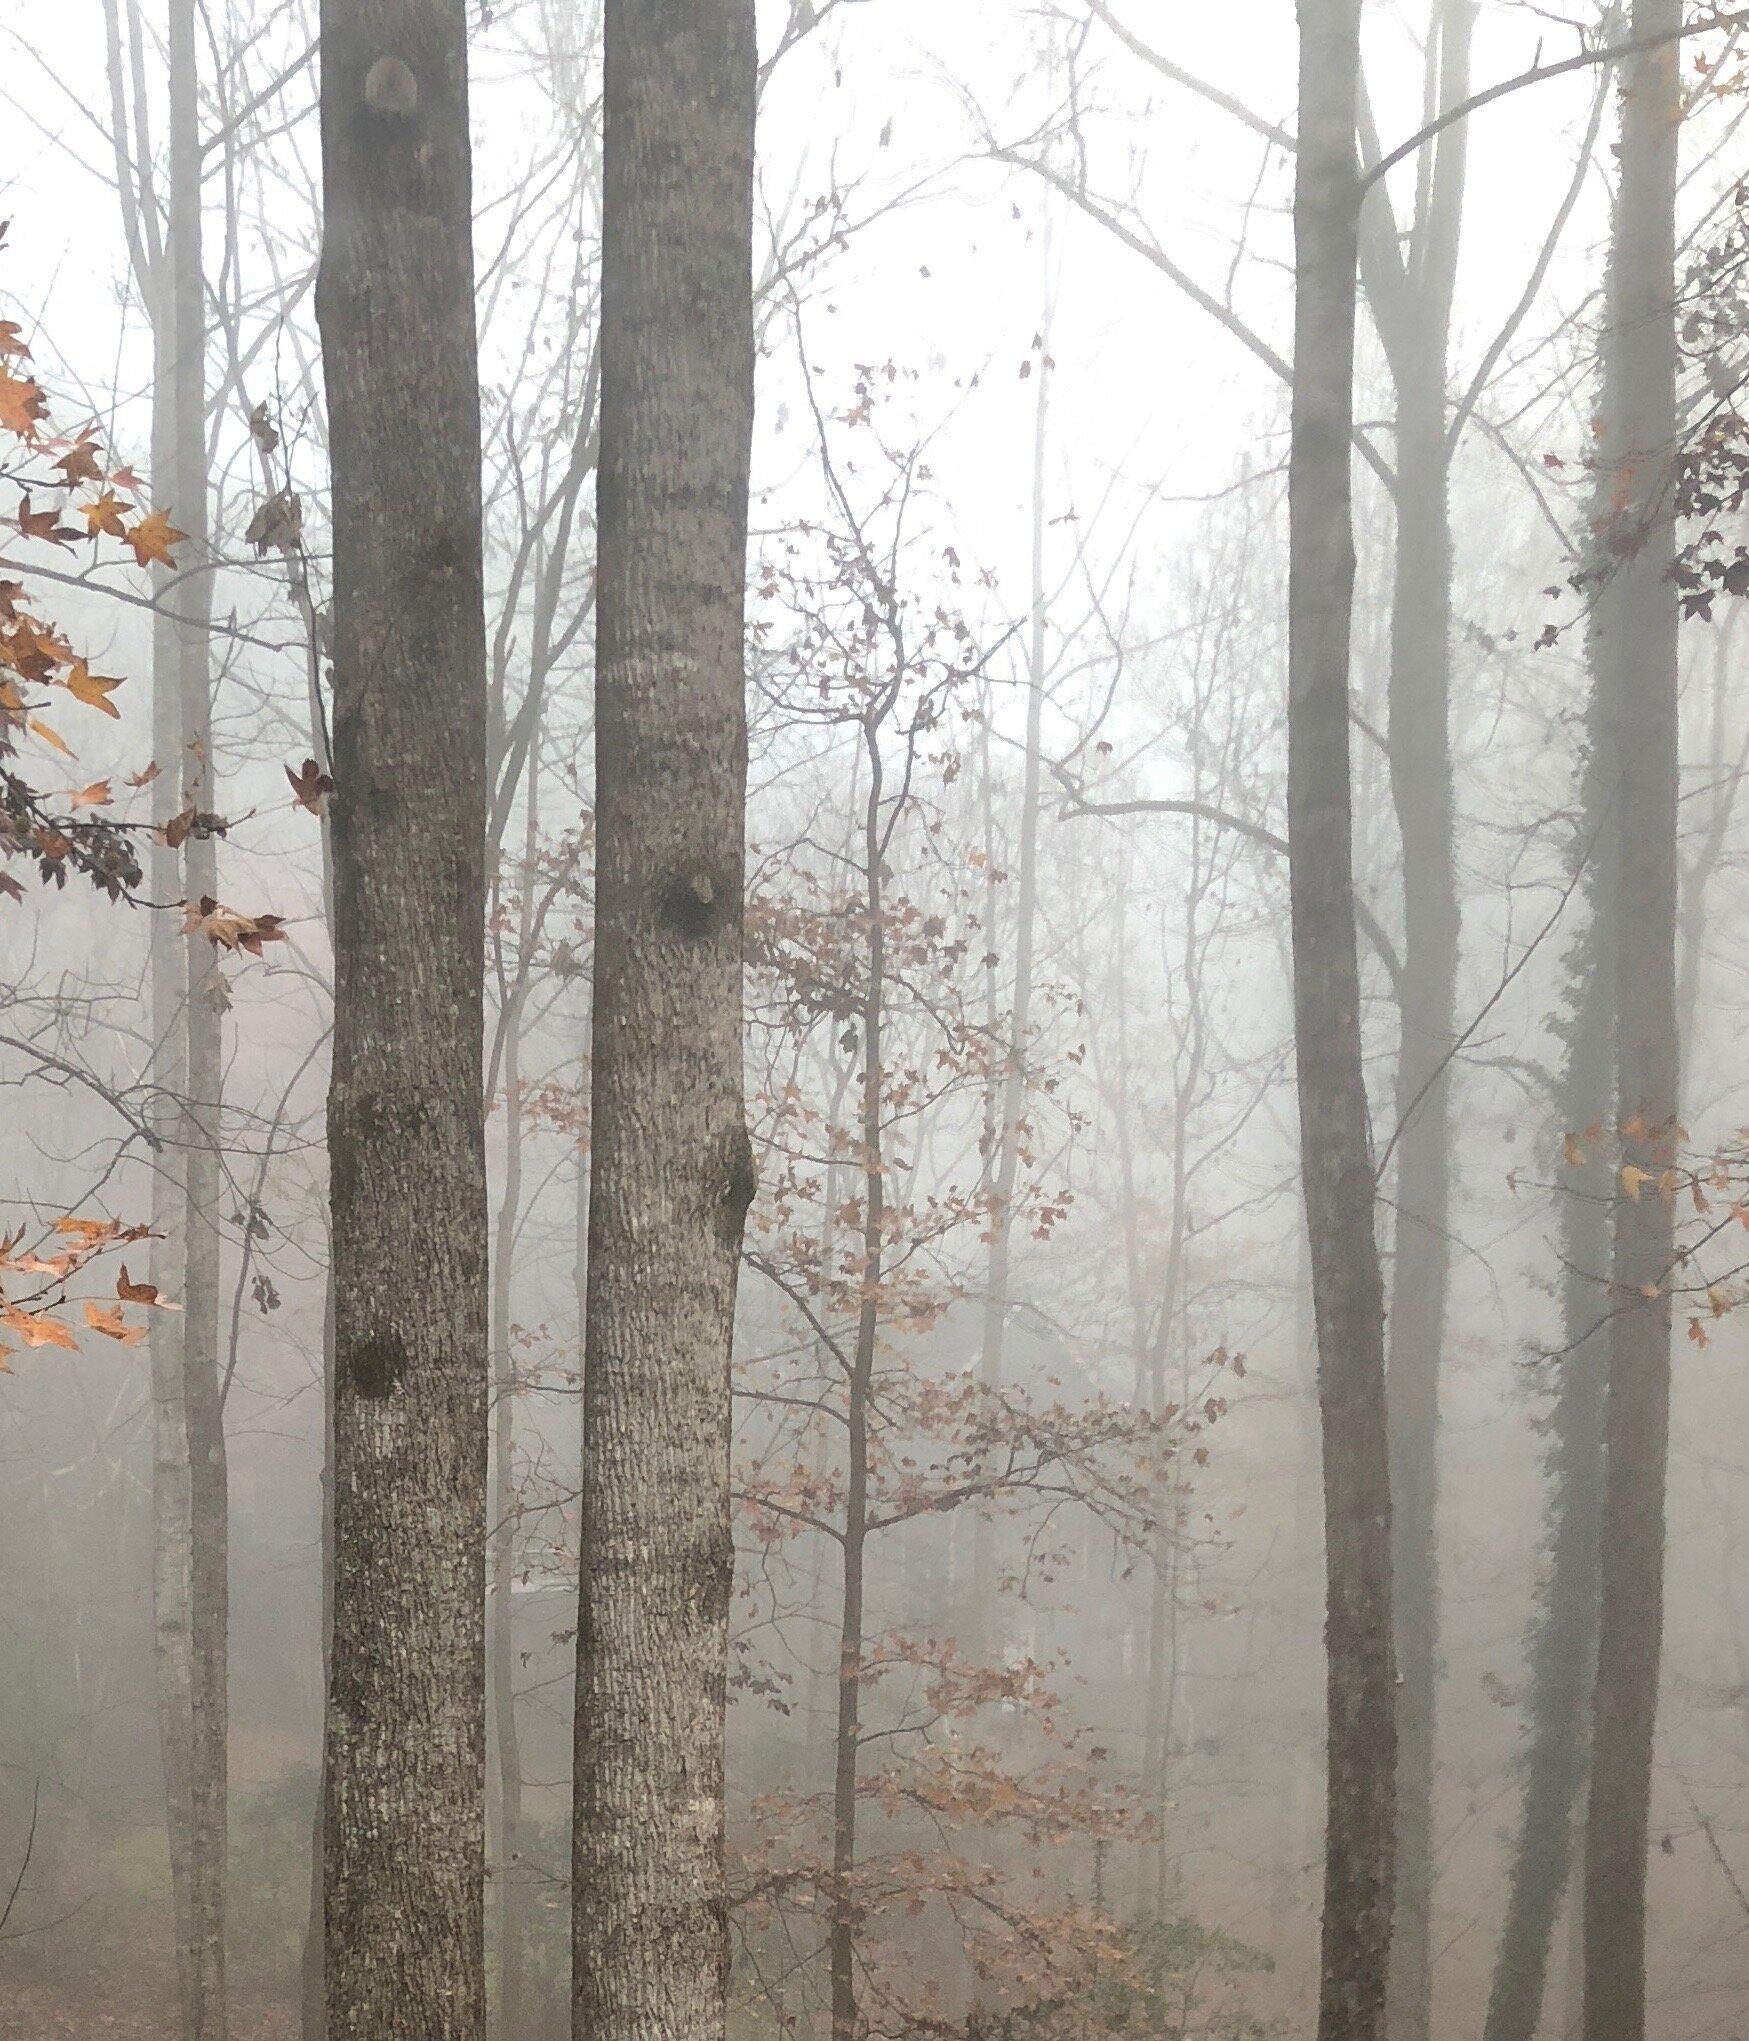 glimsen-gray-morning.jpeg